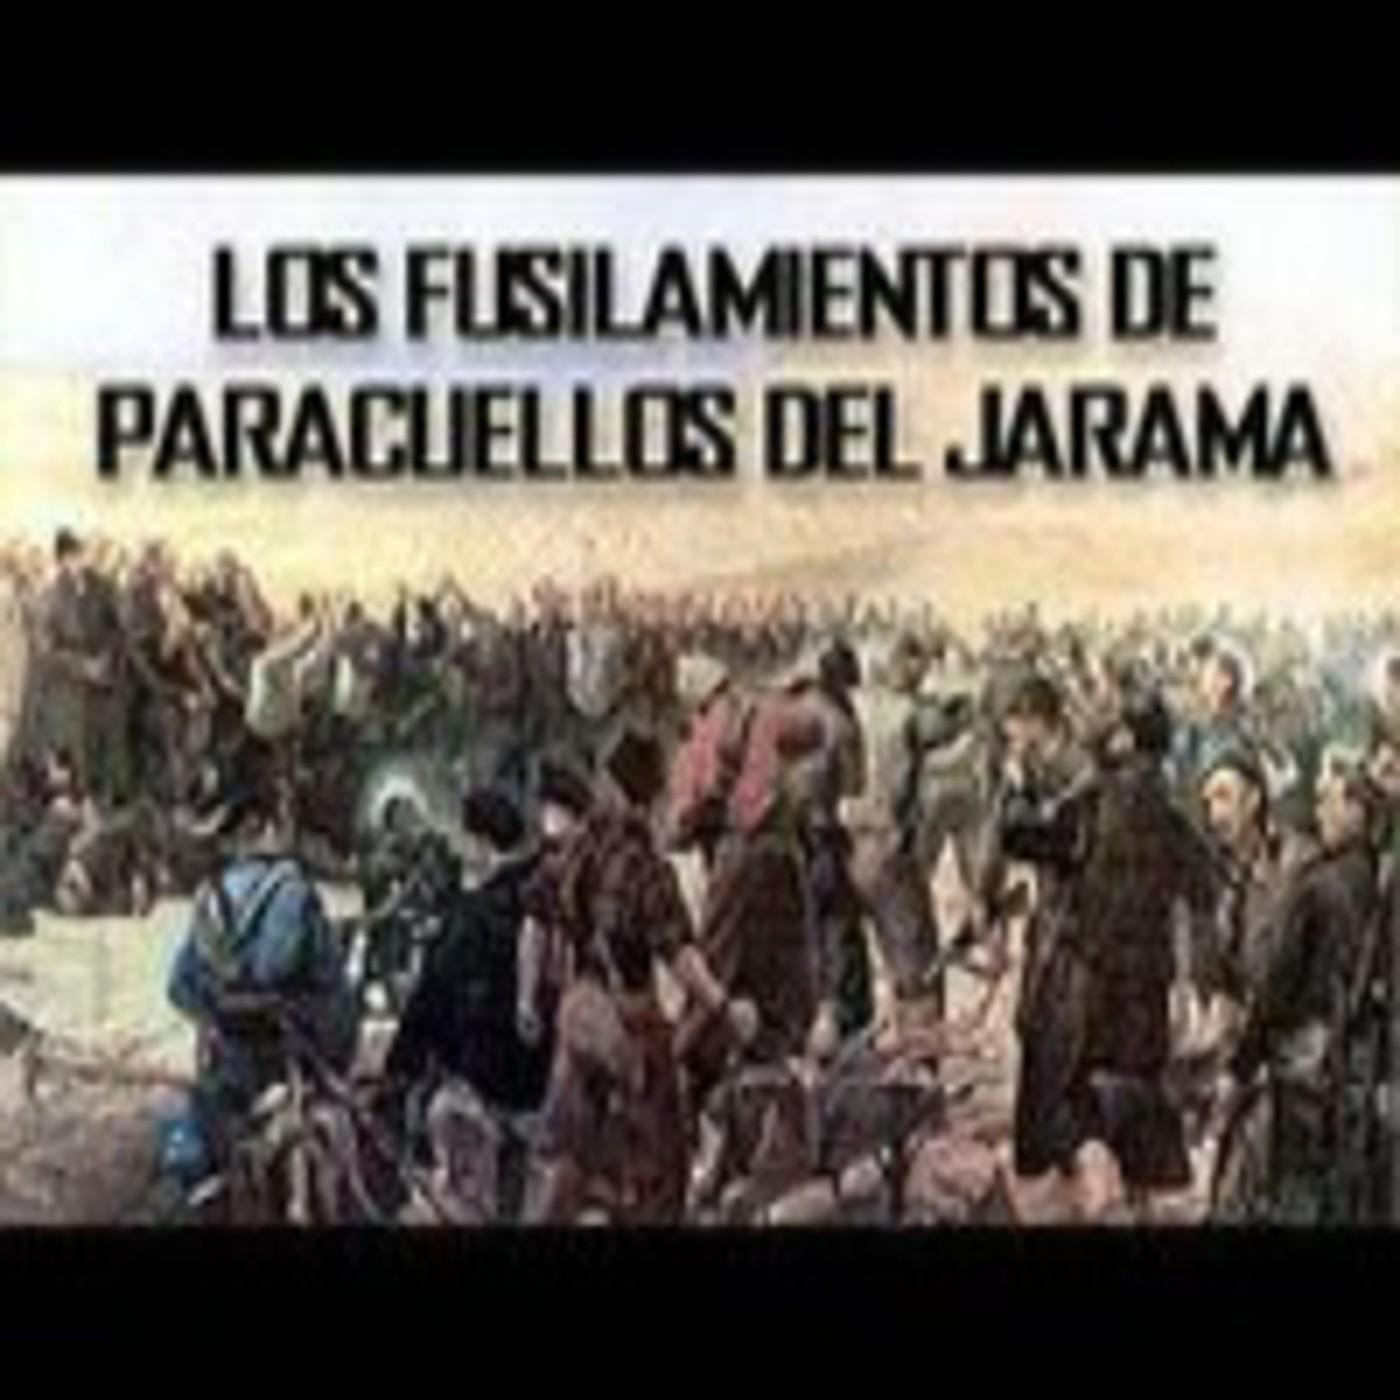 La masacre de paracuellos de jarama en solo documental en mp3 02 08 a las 01 45 46 49 17 - Tiempo en paracuellos del jarama ...